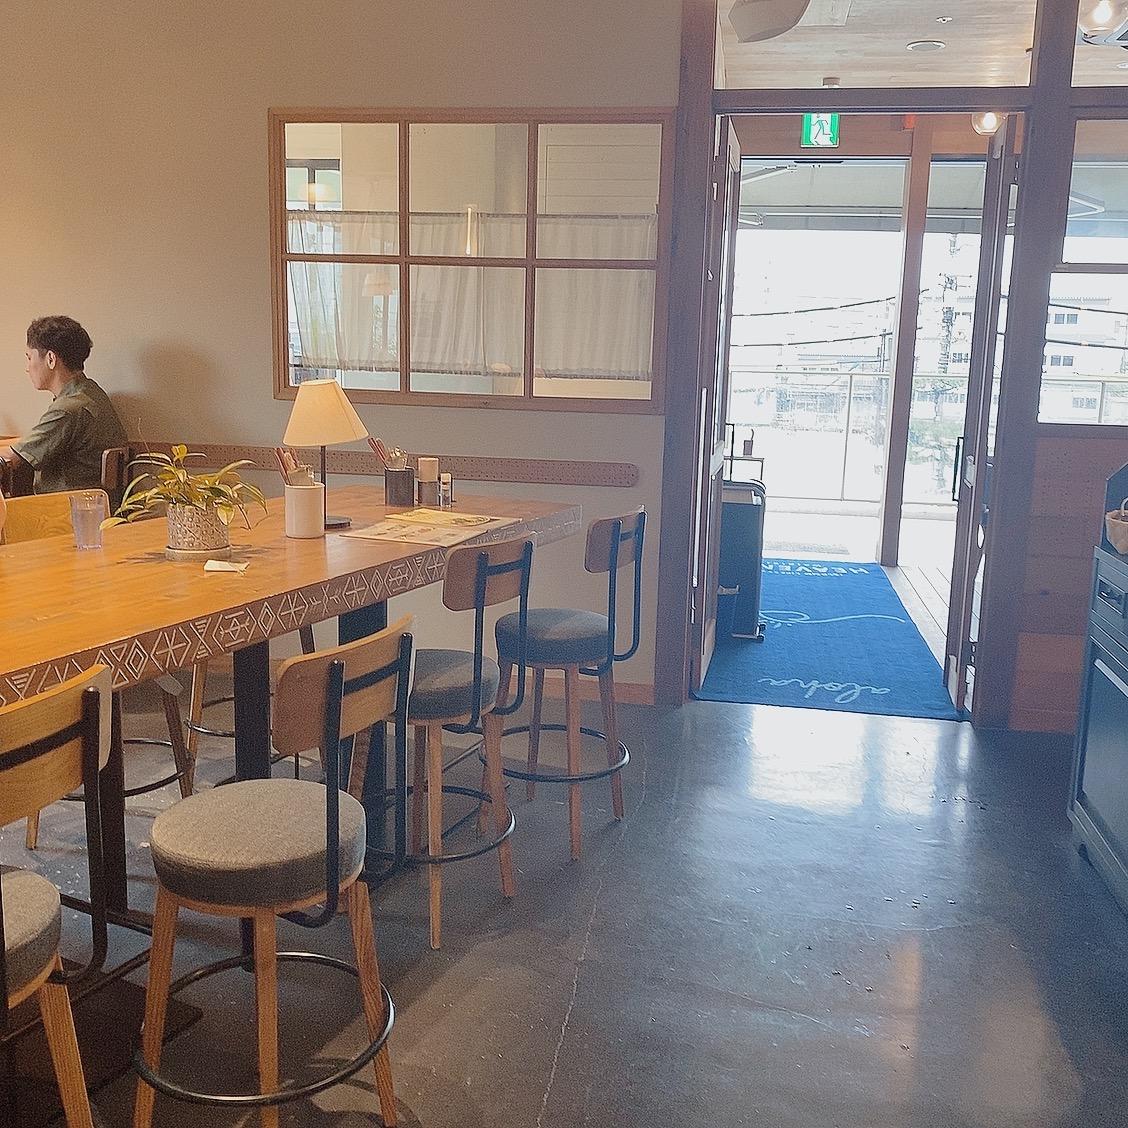 【代官山でモーニング】ハワイ風おしゃれカフェを紹介♡_6